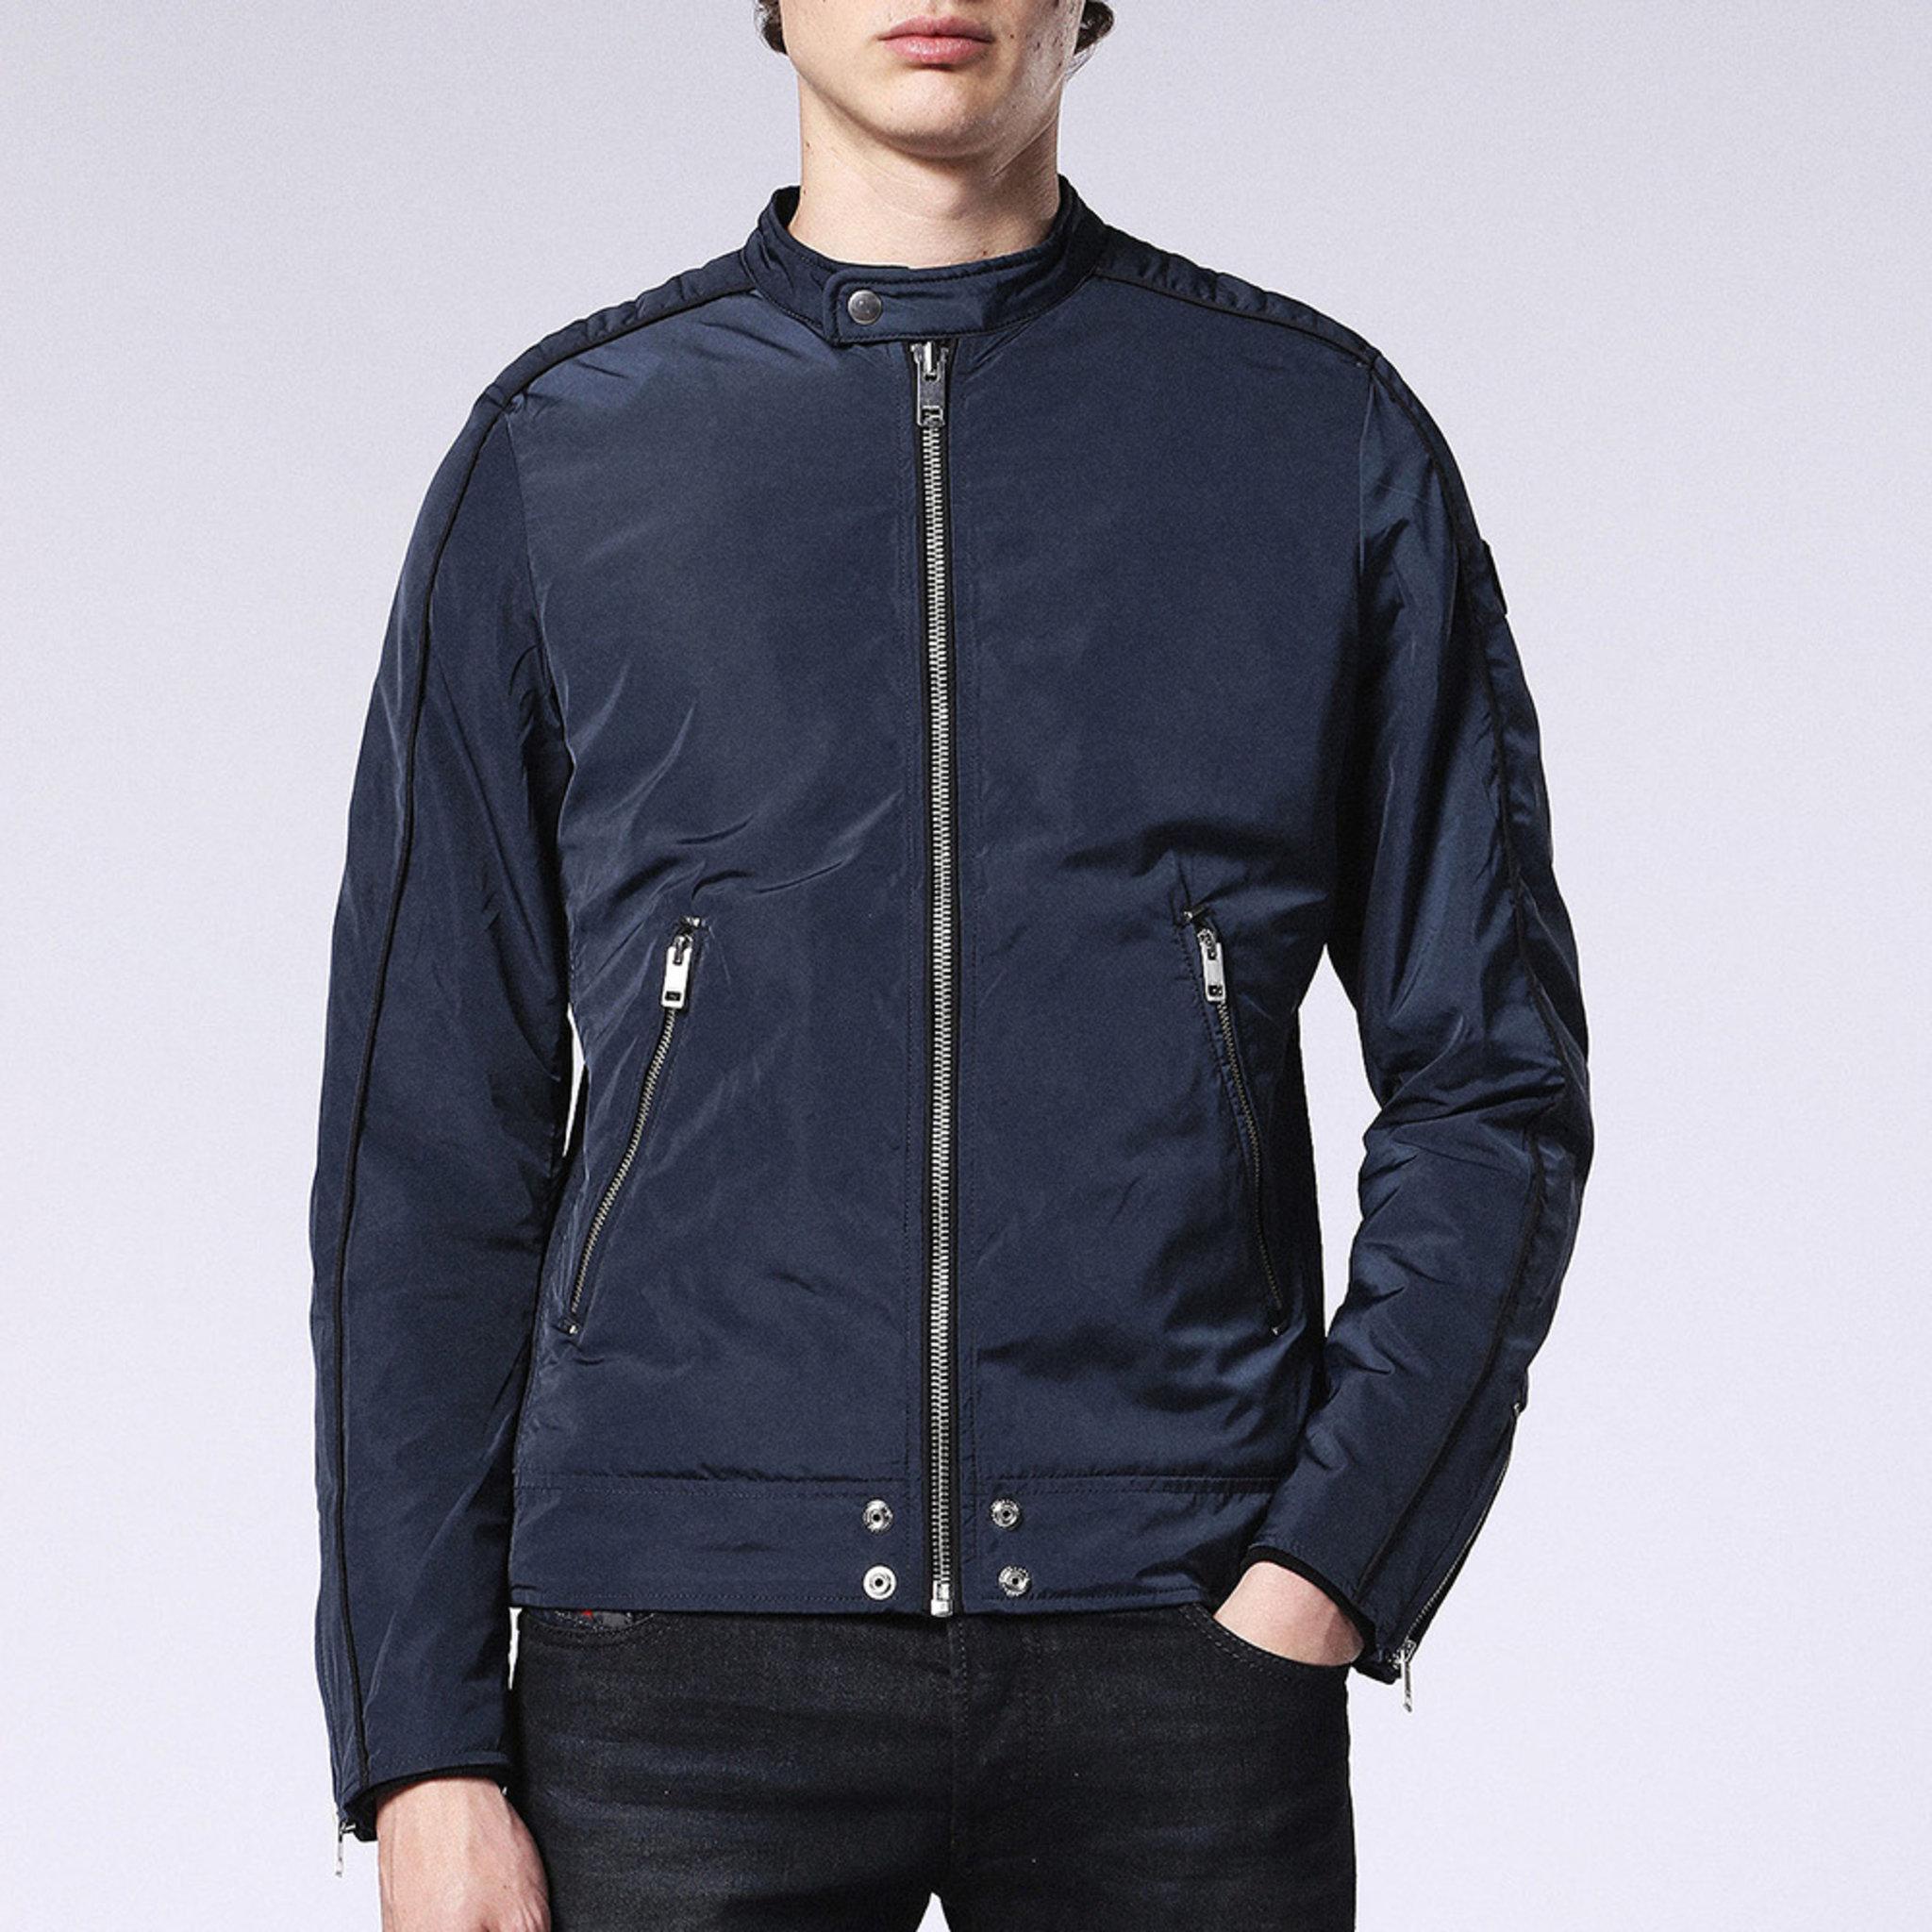 b42dcca4666 Jacket J-Quad - Ytterplagg - Köp online på åhlens.se!